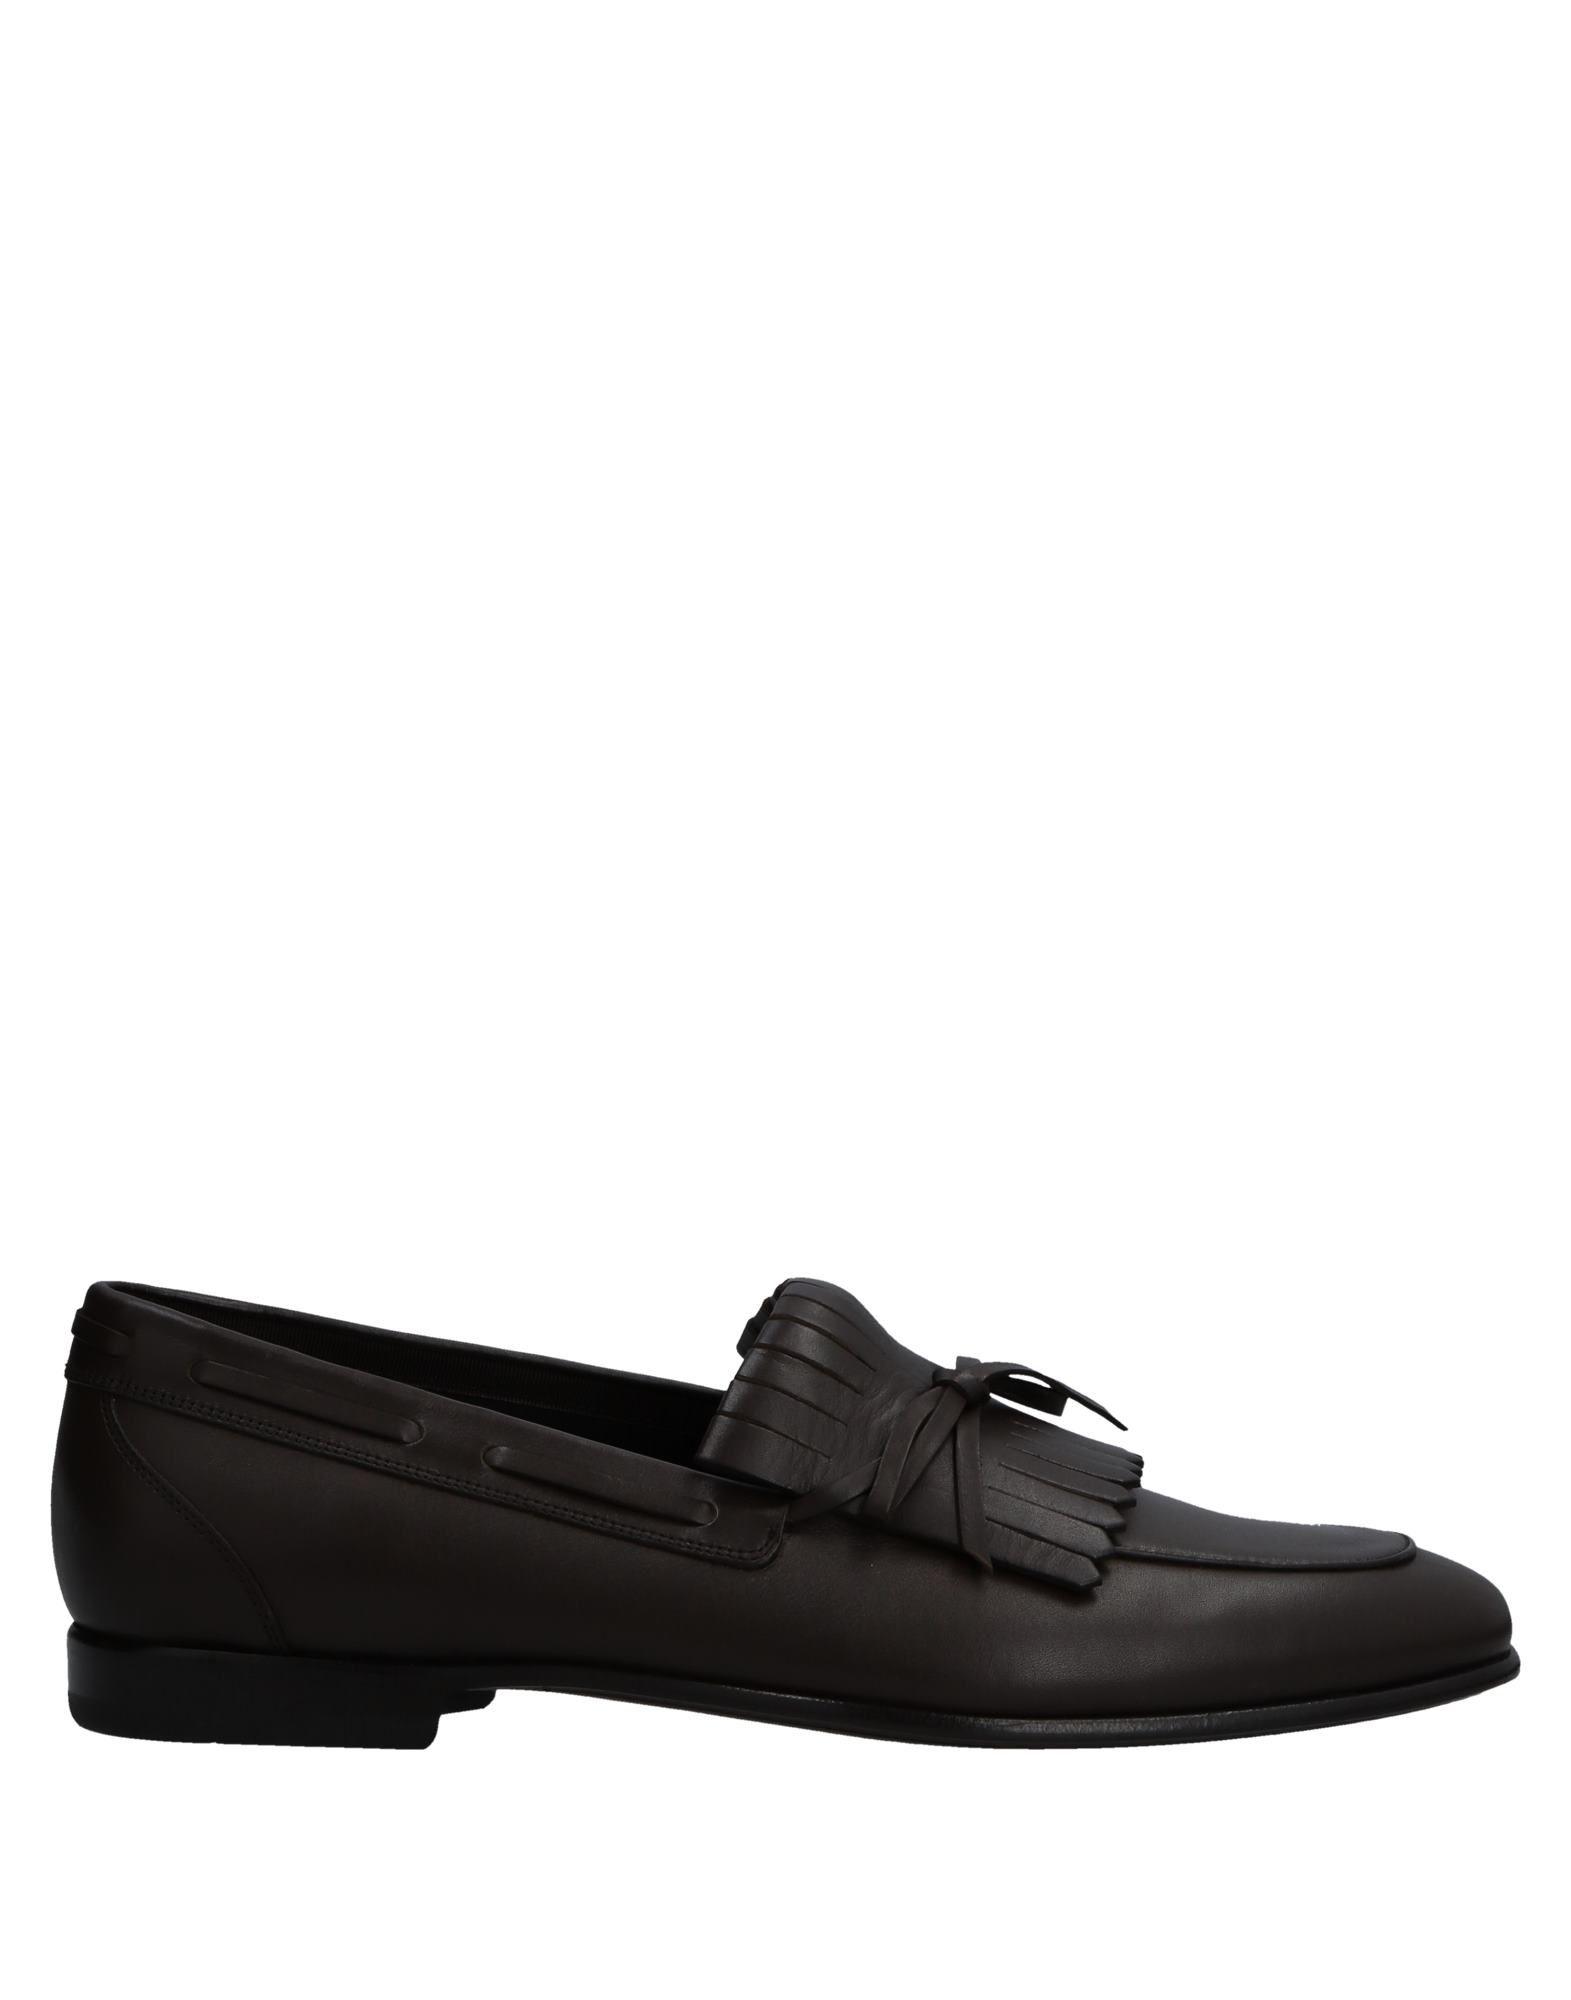 Salvatore Ferragamo Mokassins Herren  11526275TP Gute Qualität beliebte Schuhe